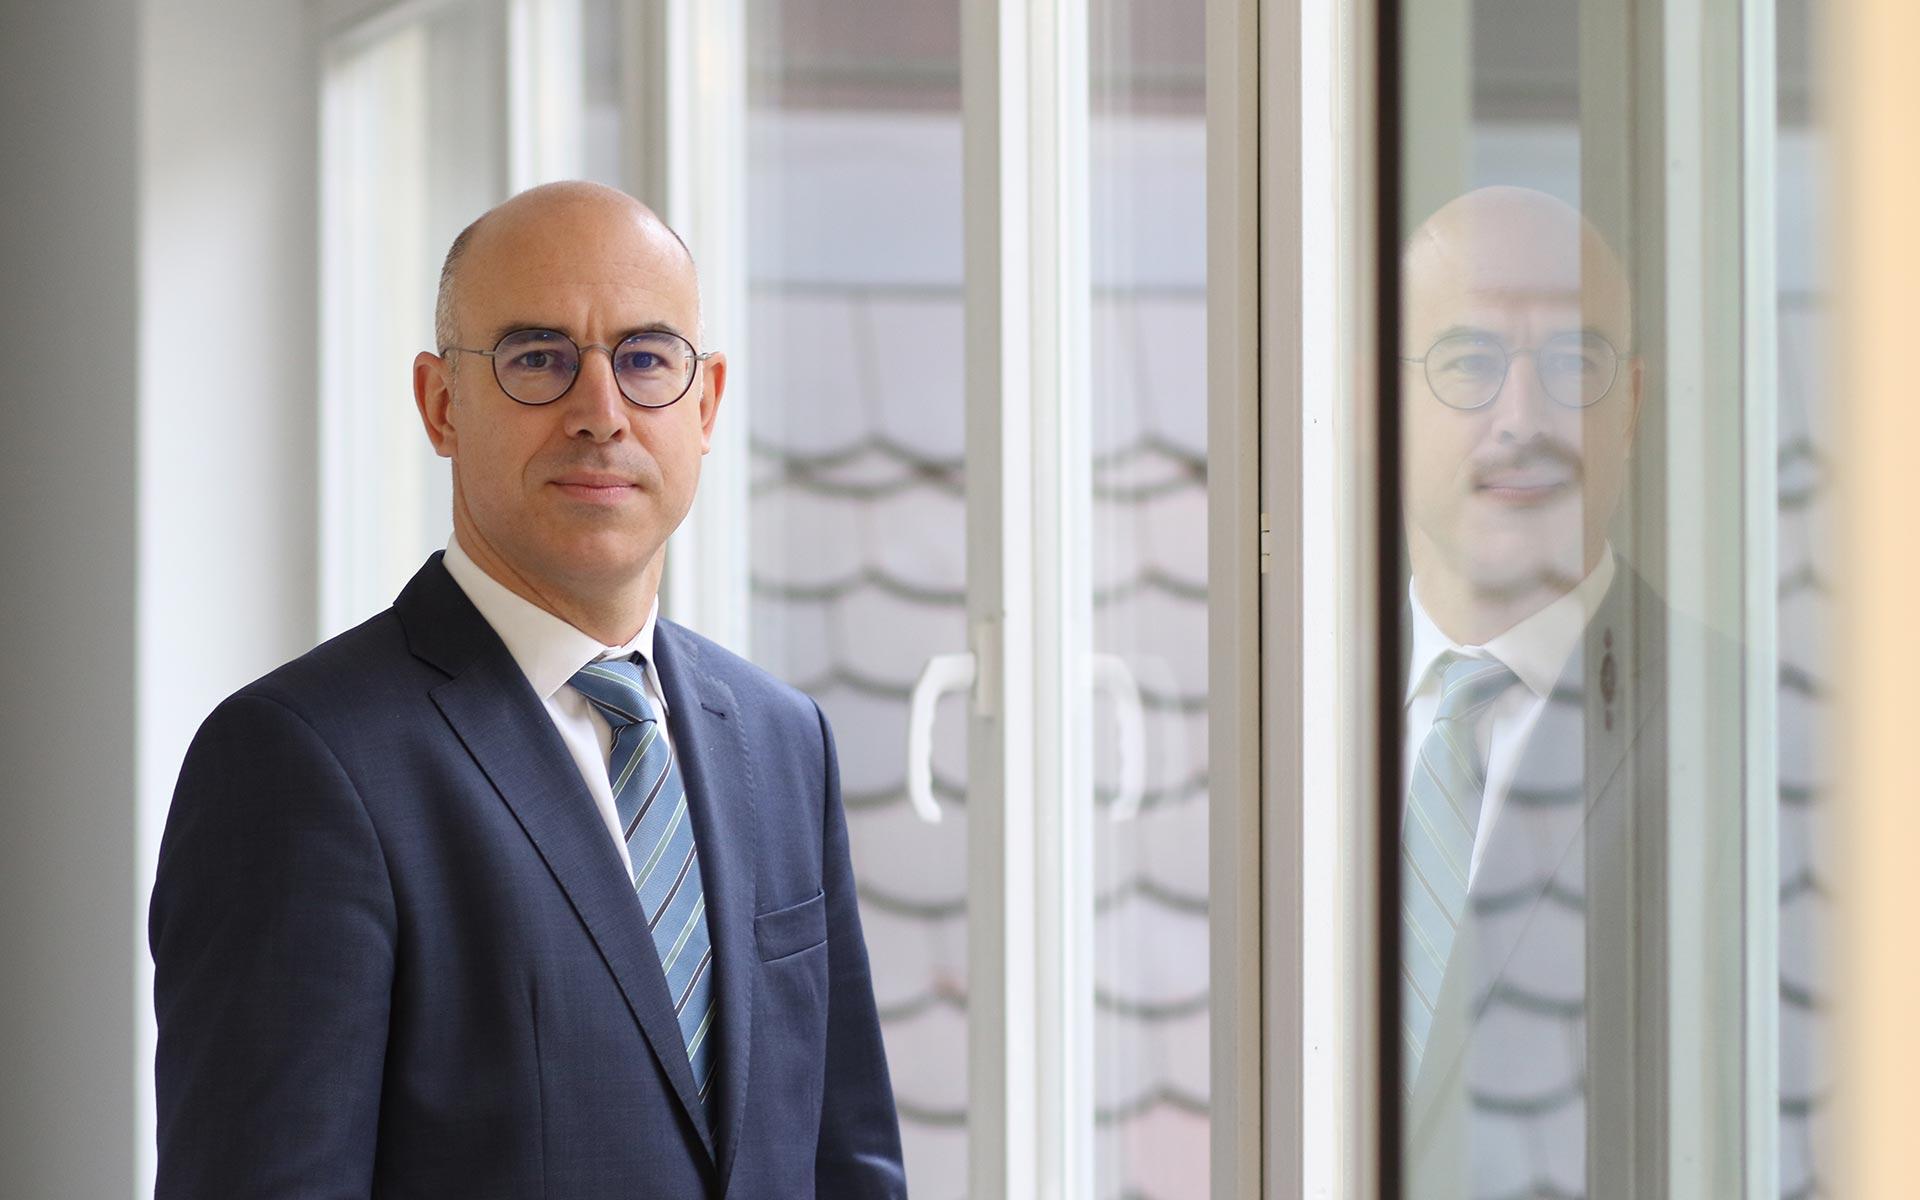 Prof. Gabriel J. Felbermayr, Leiter des ifo Zentrums für Außenwirtschaft in München